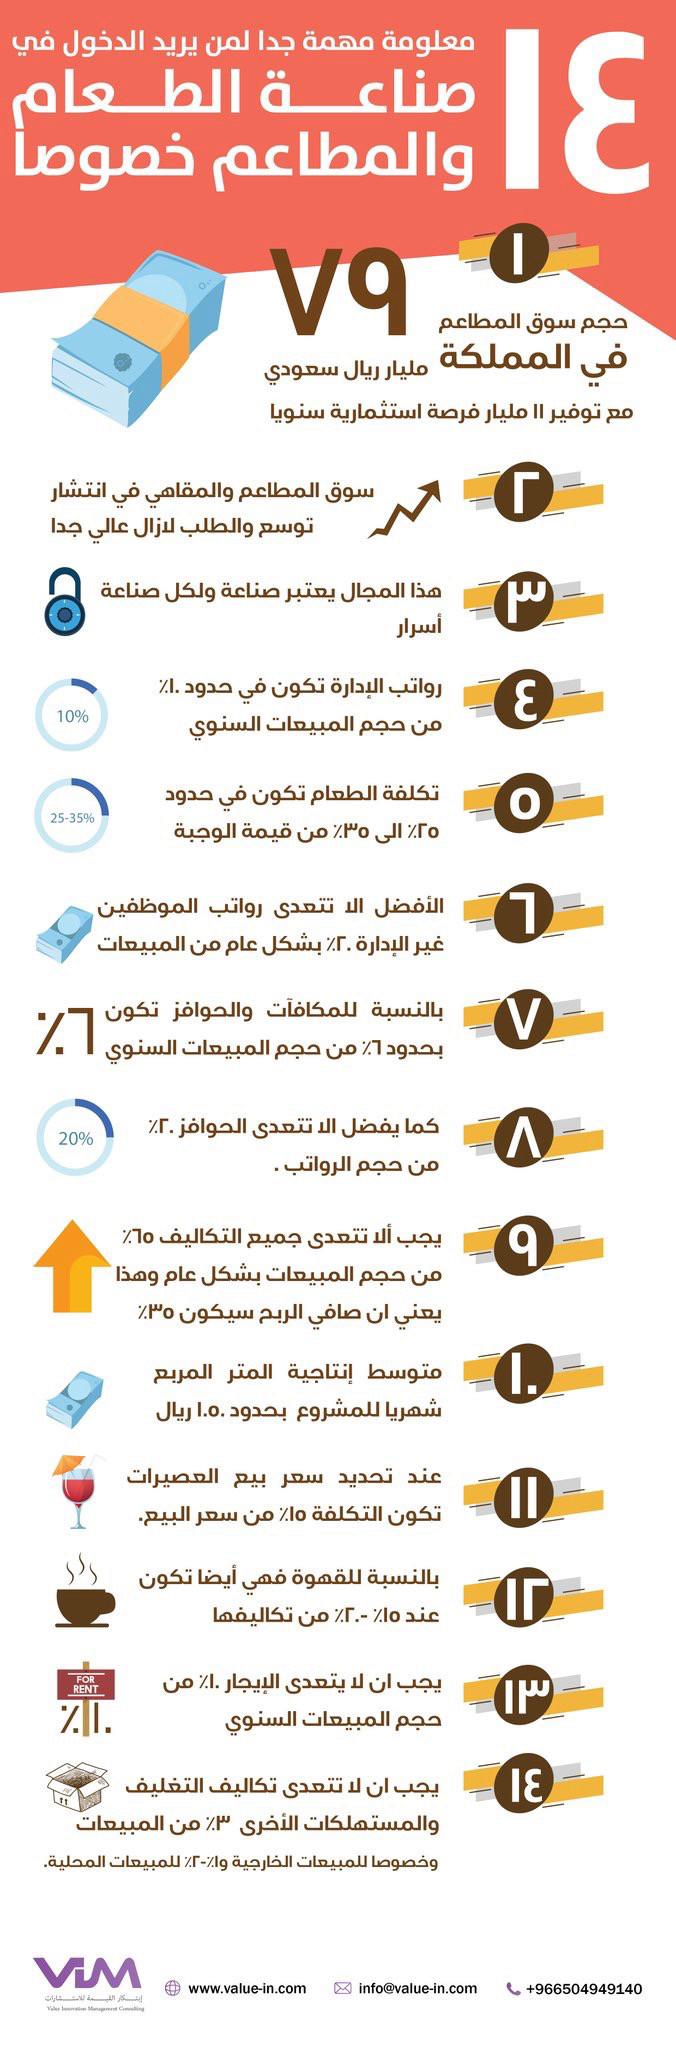 14 معلومة مهمة جدا لمن يريد الدخول في صناعة الطعام وخصوصا المطاعم  15607710